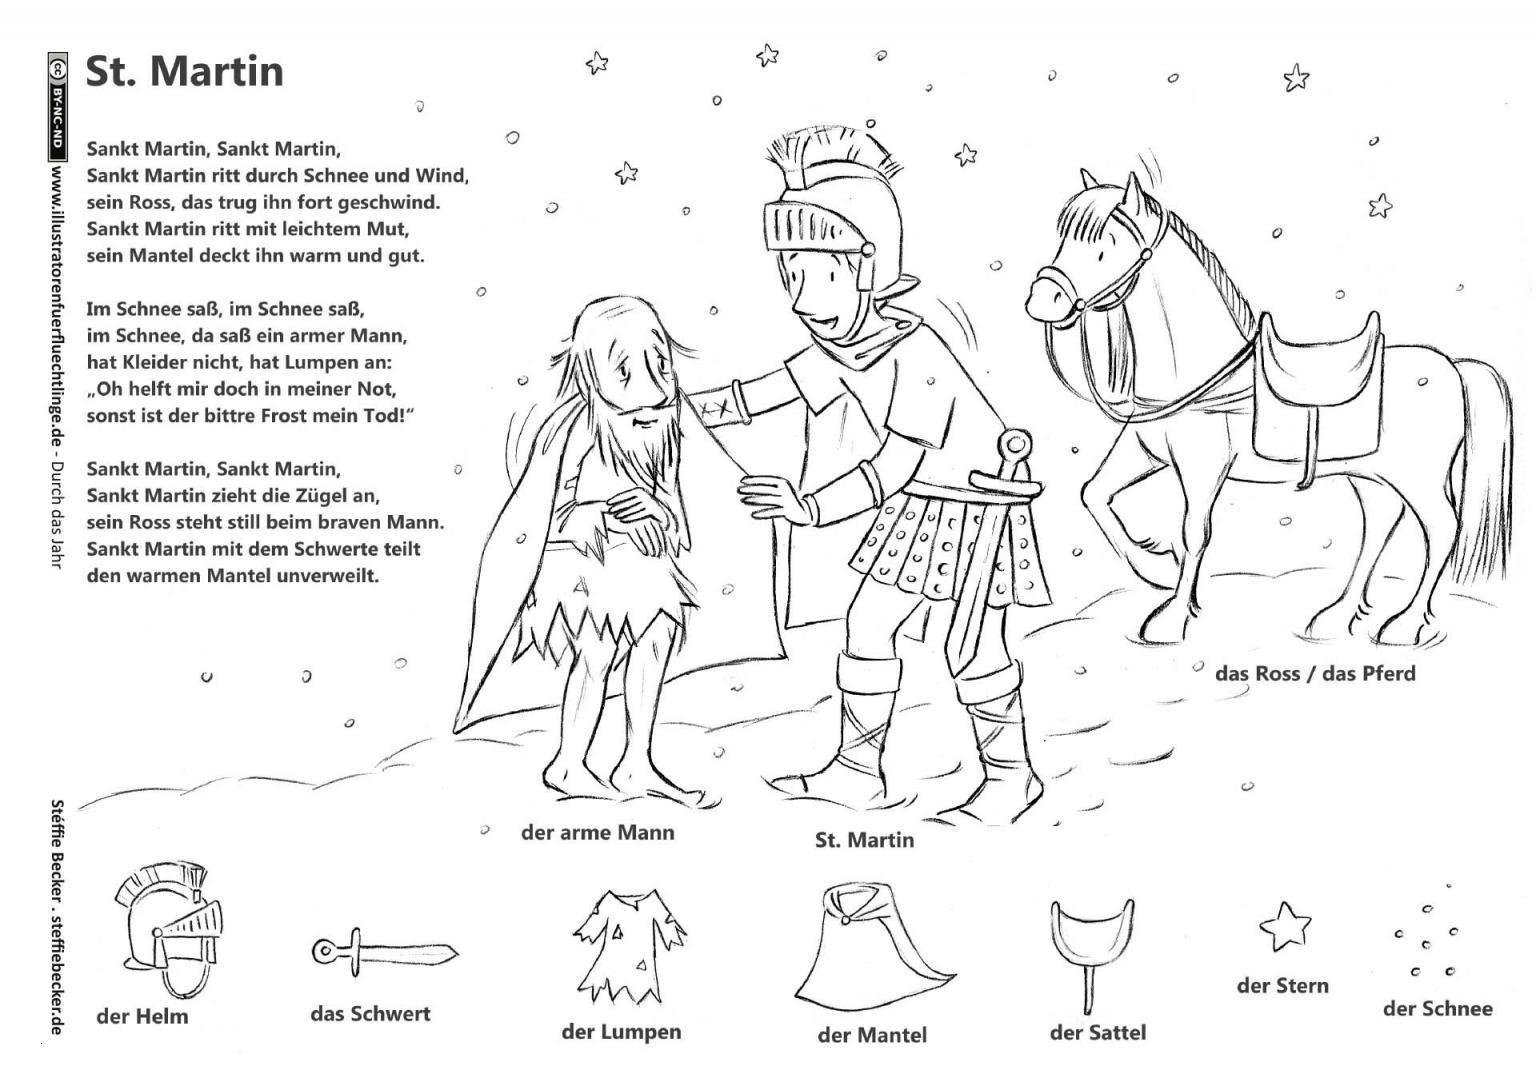 Pegasus Zum Ausmalen Inspirierend Bayern Ausmalbilder Schön Igel Grundschule 0d Archives Schön Bilder